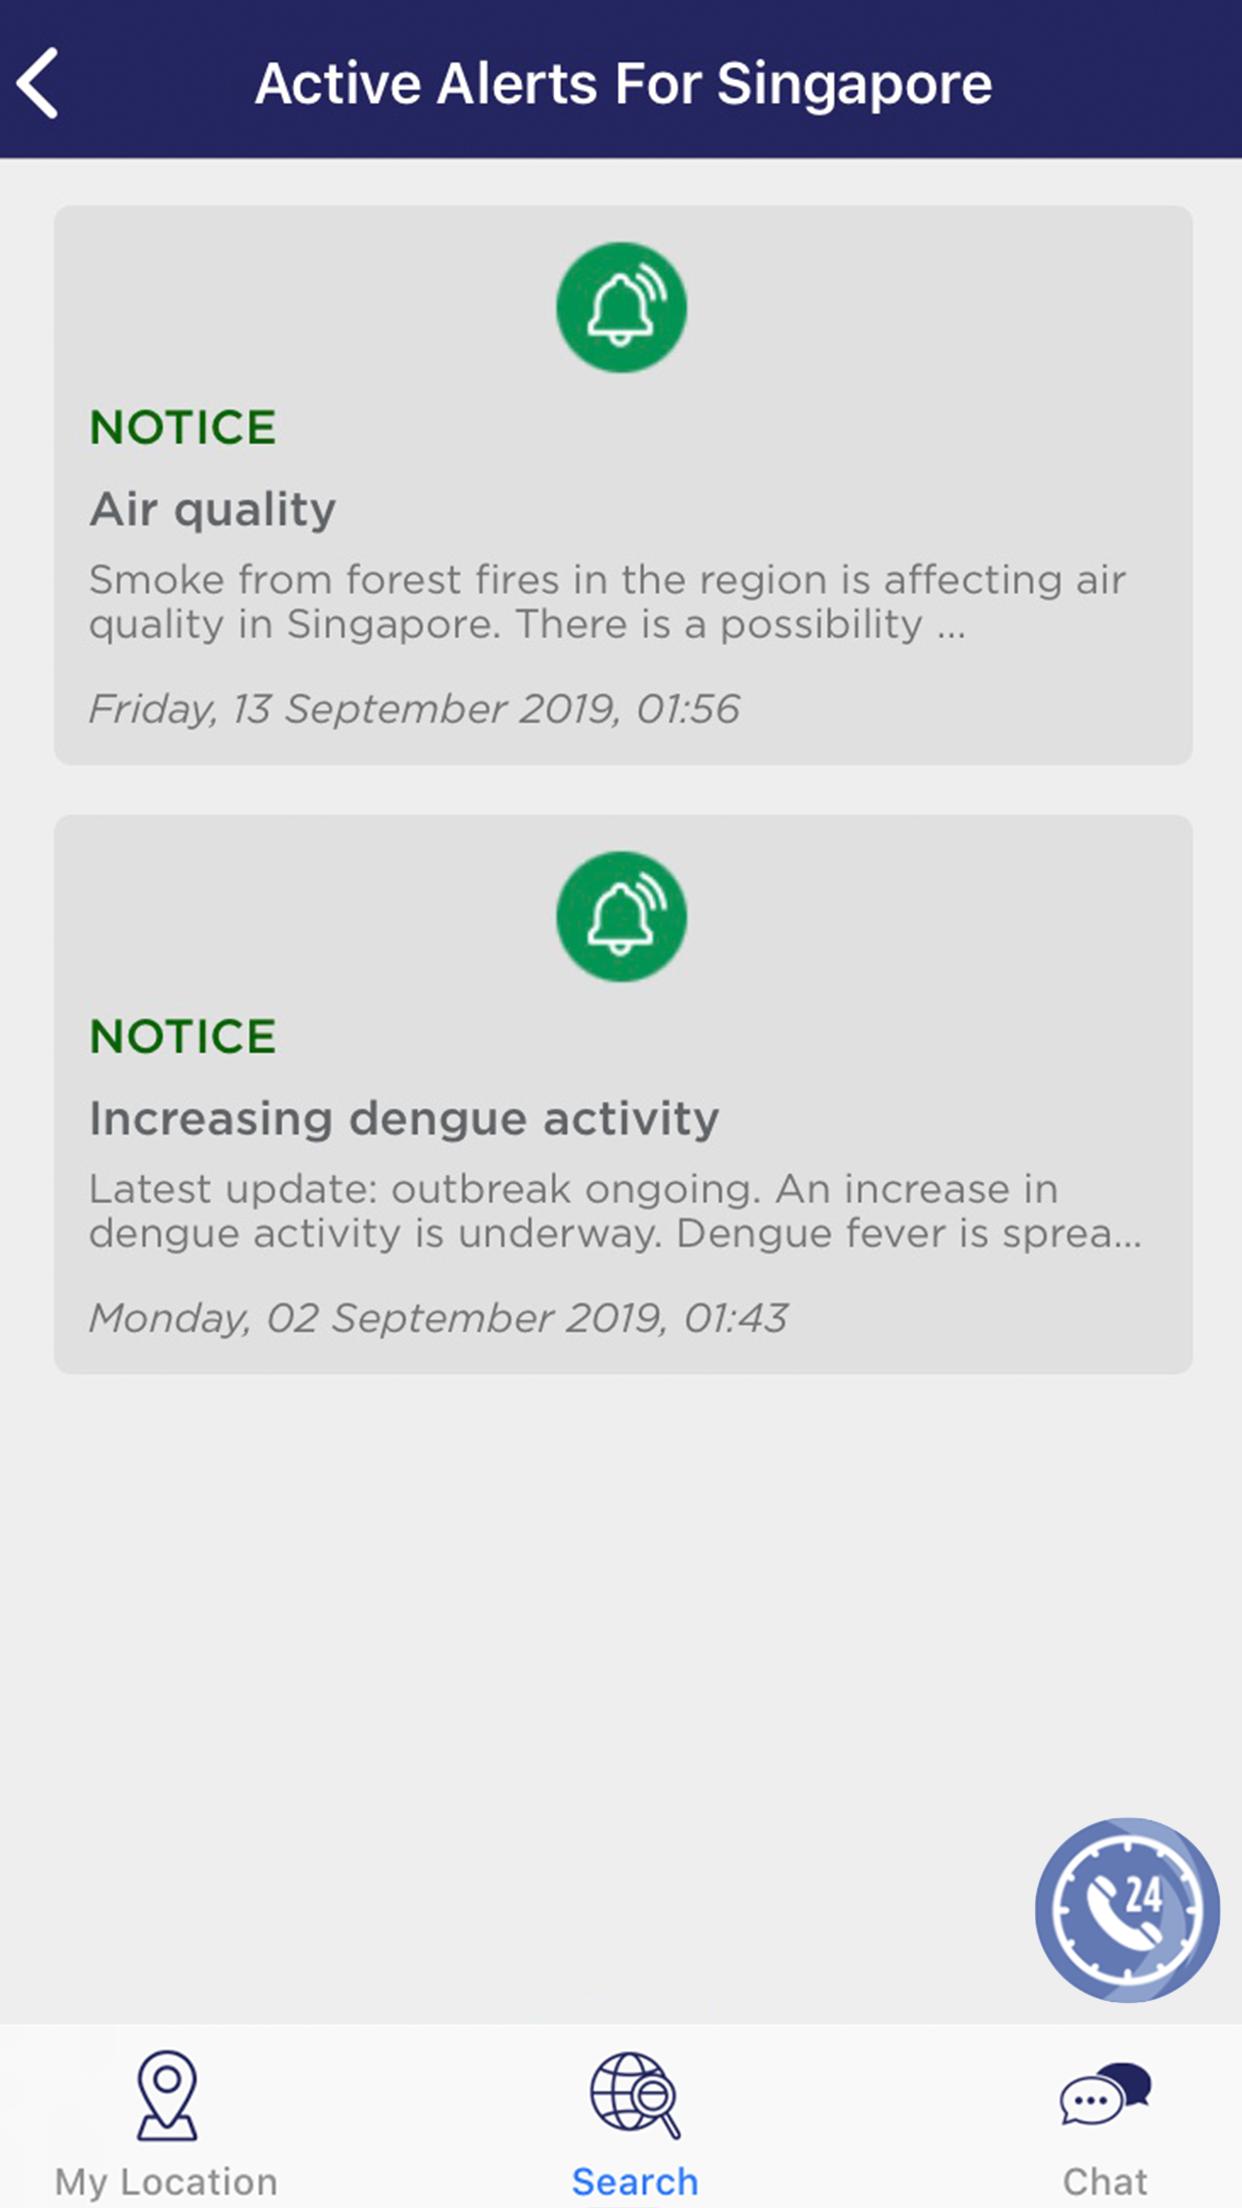 Singapore Active Alerts